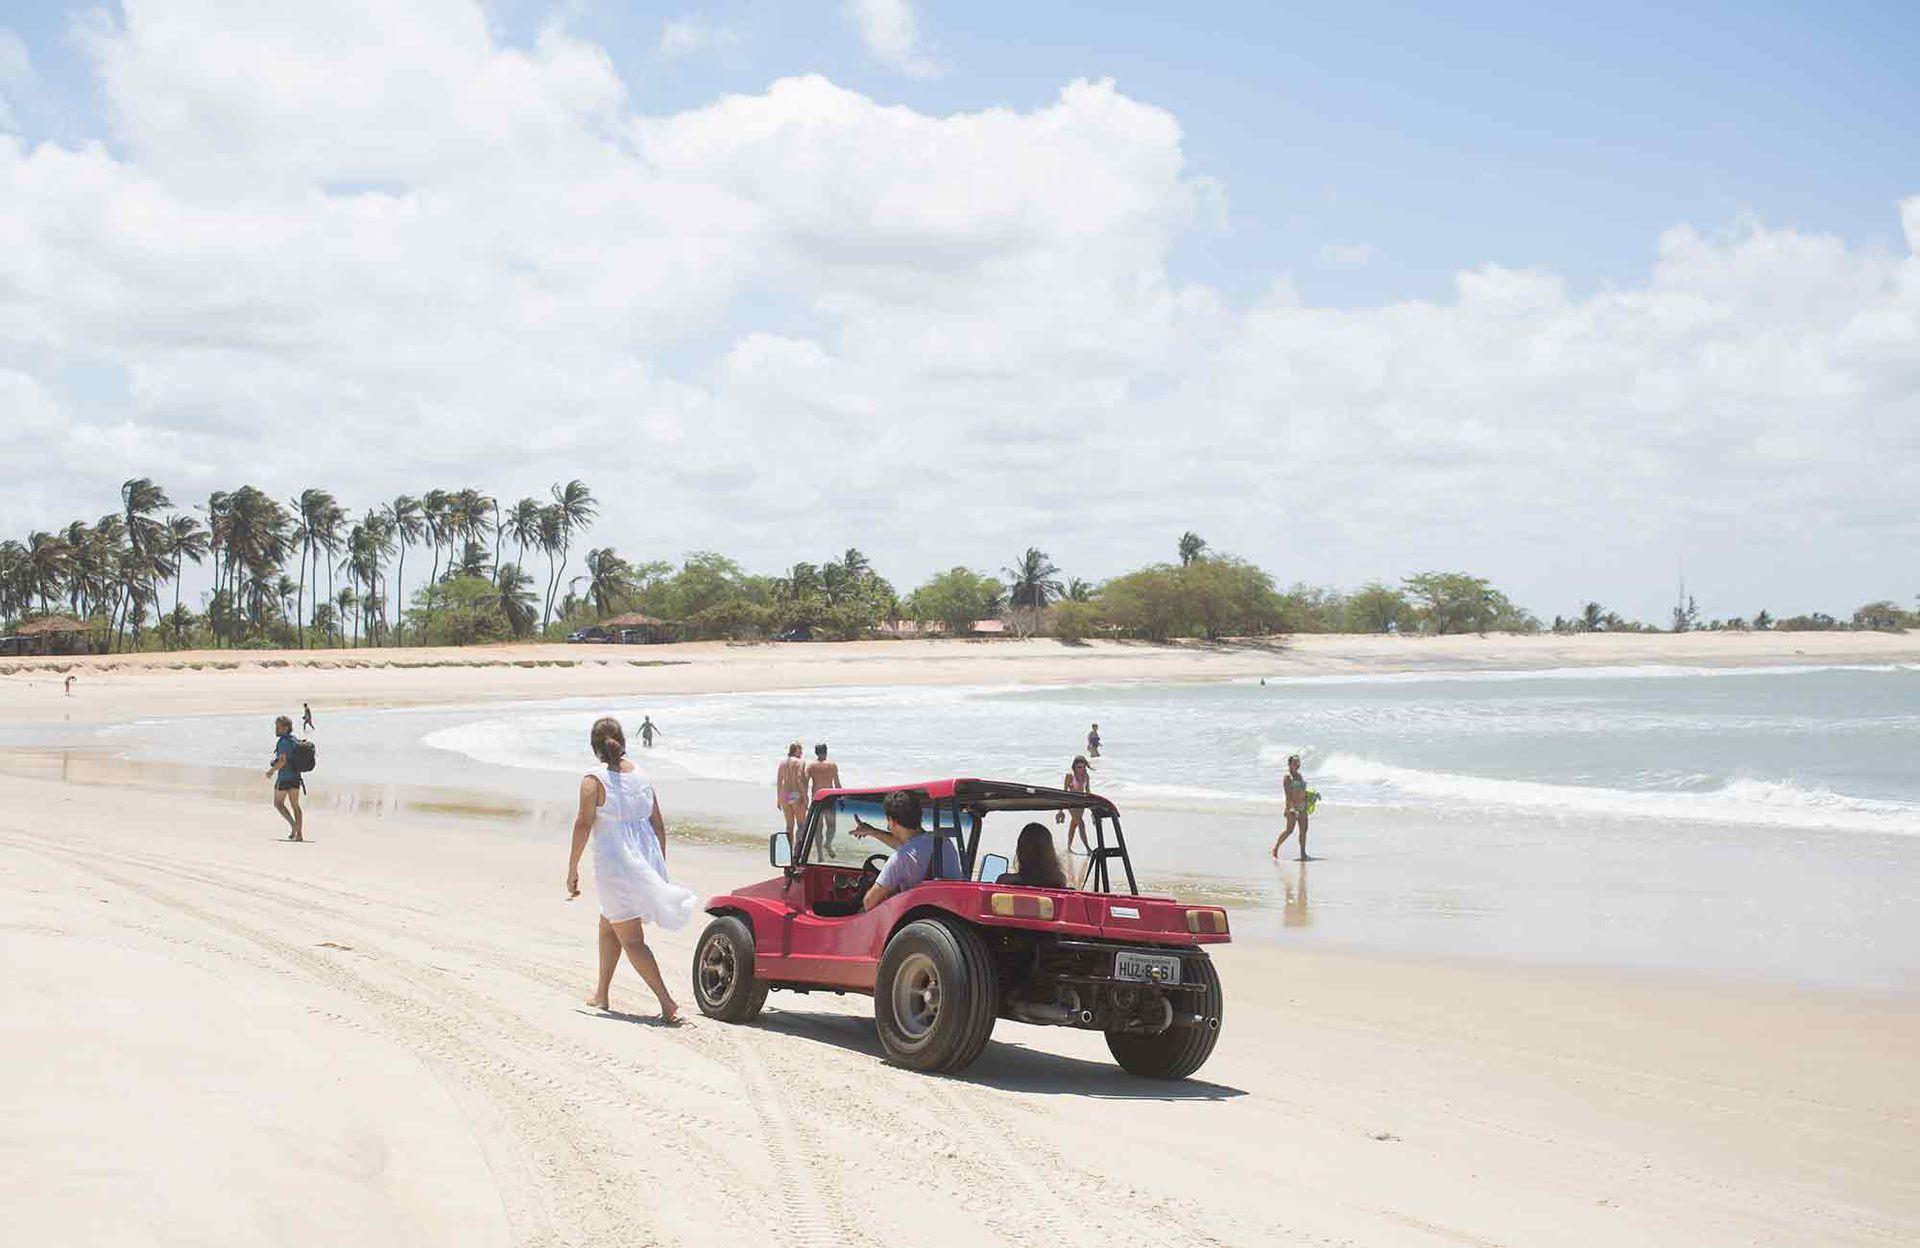 Un paseo en buggy por las arenas de San Miguel do Gostoso.